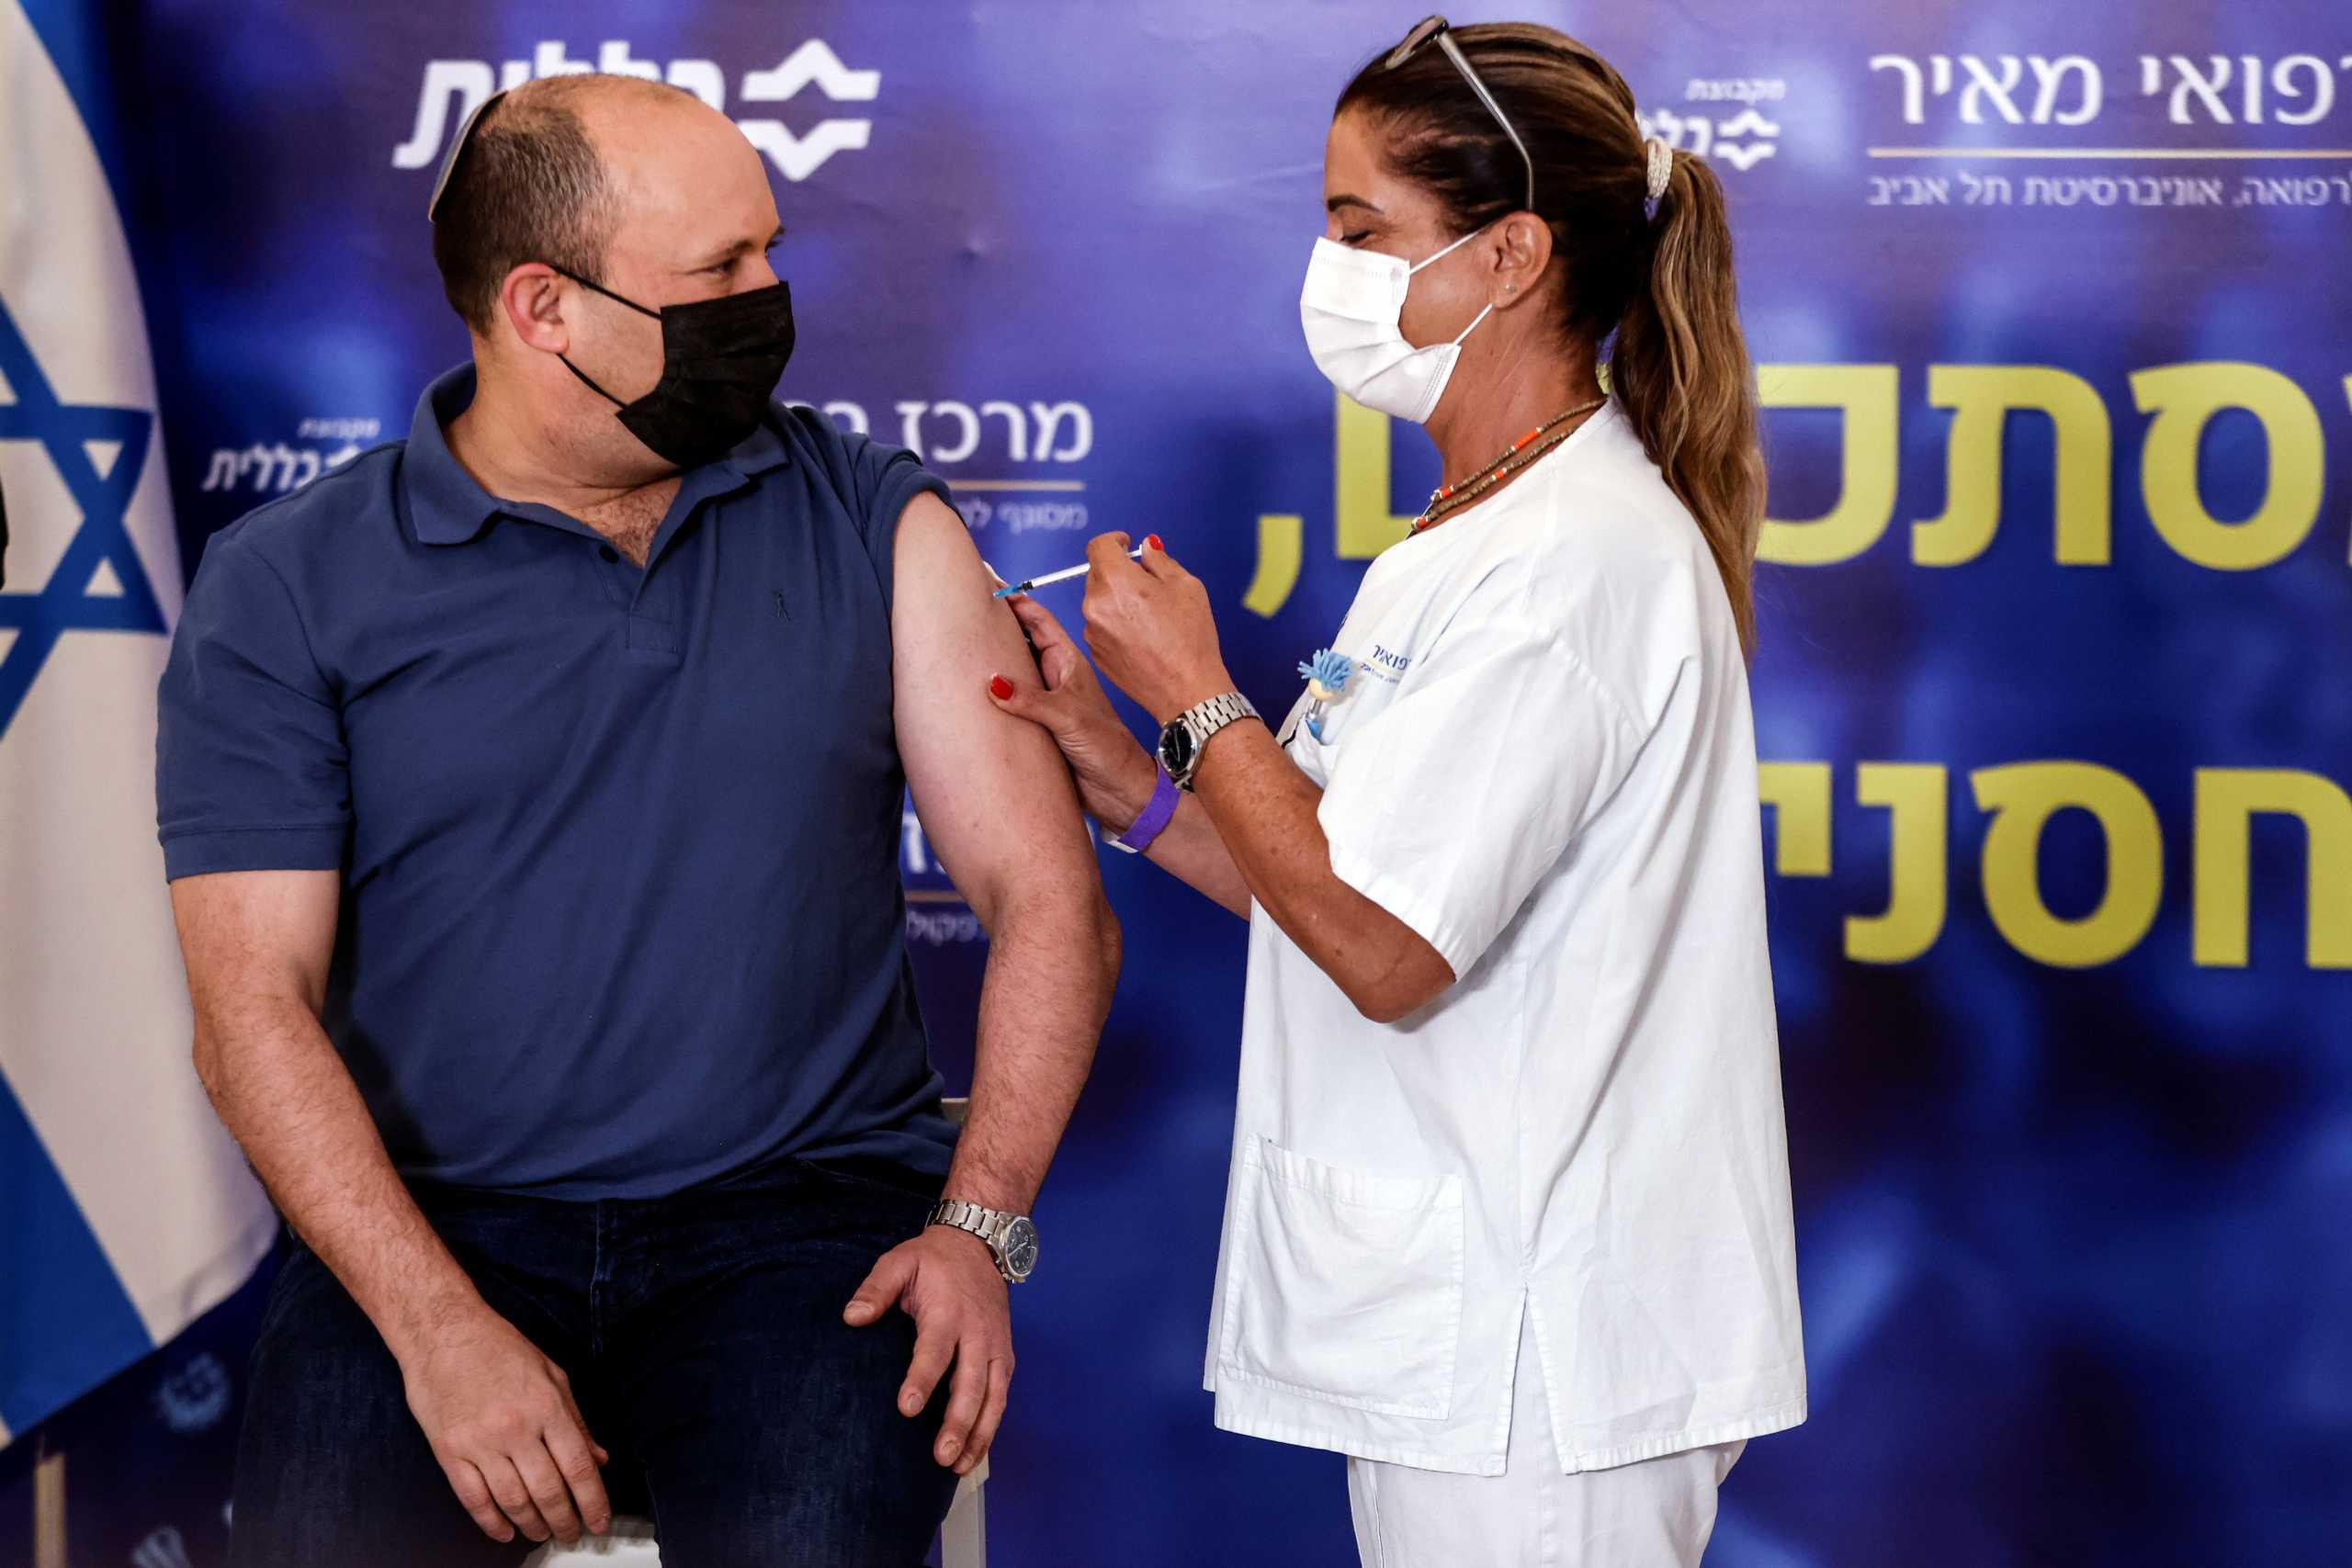 Ισραήλ – κορονοϊός: Με αρνητικό rapid test στις τάξεις οι ανεμβολίαστοι εκπαιδευτικοί